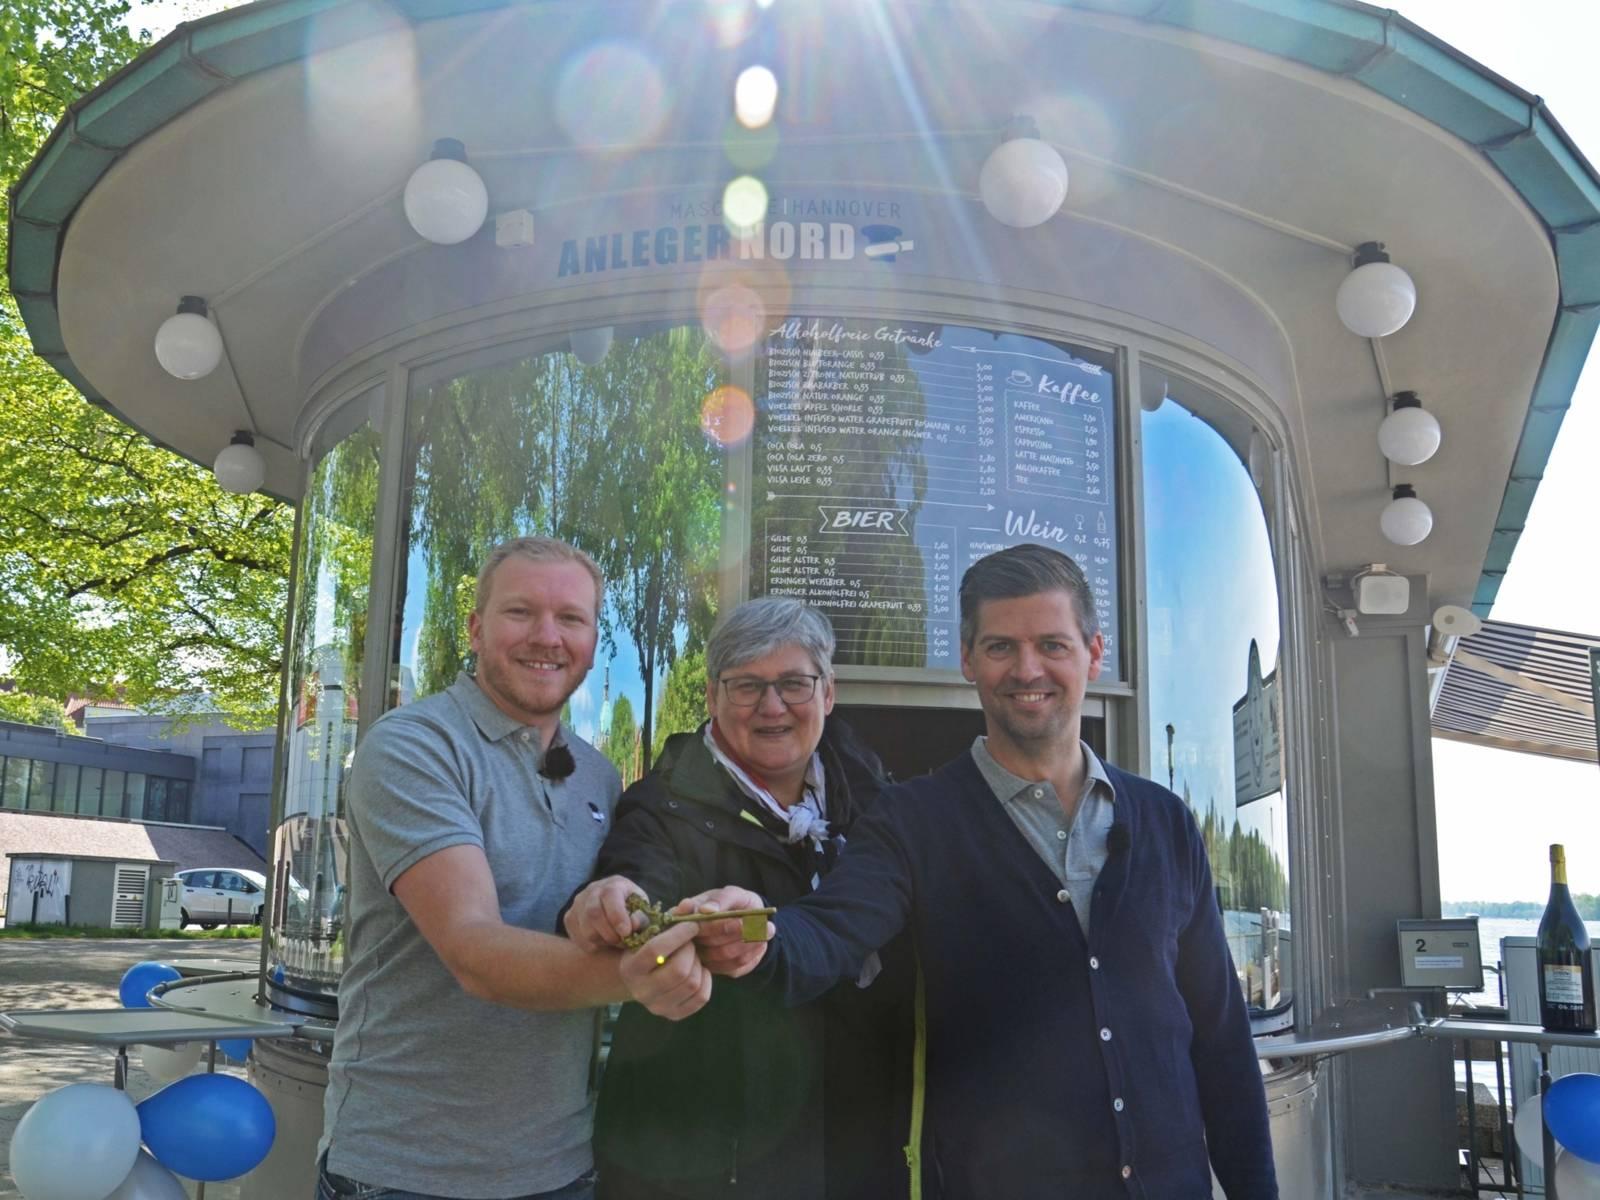 Zwei Männer und eine Frau mit einem goldenen Schlüssel.